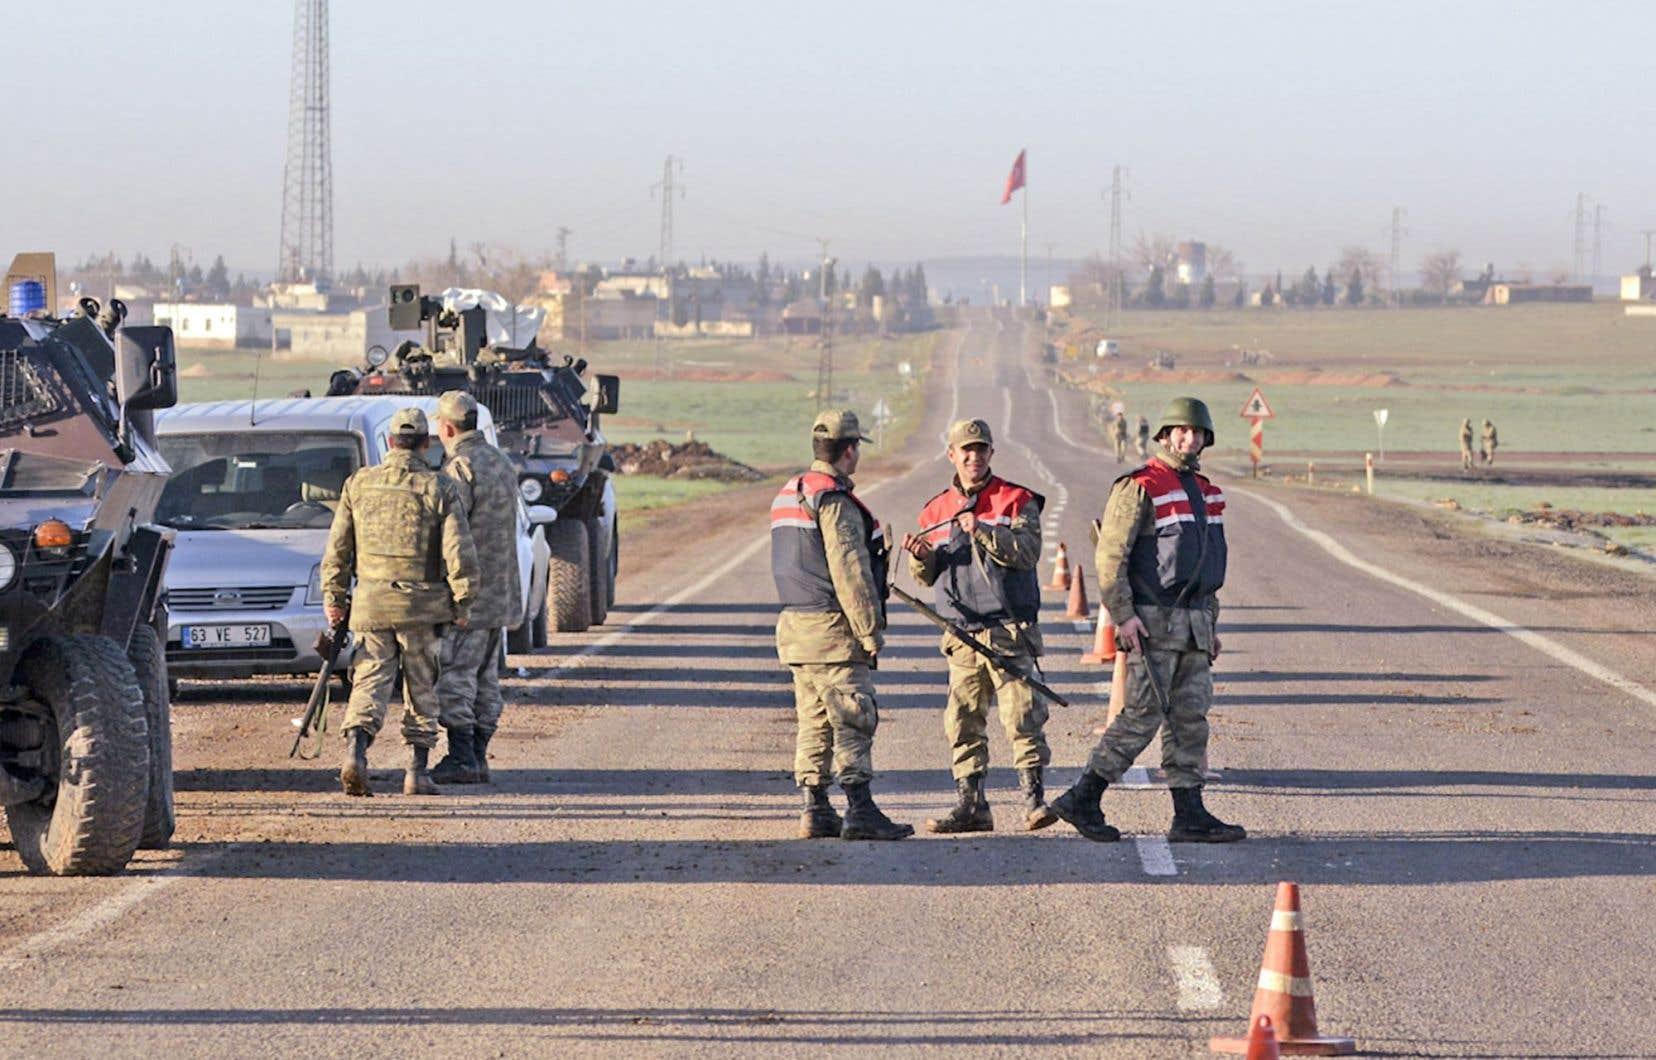 Le gouvernement turc a informé la Coalition nationale syrienne de son incursion.Une quarantaine de chars sont entrés en Syrie, mais cette incursion s'est achevée sans combats.